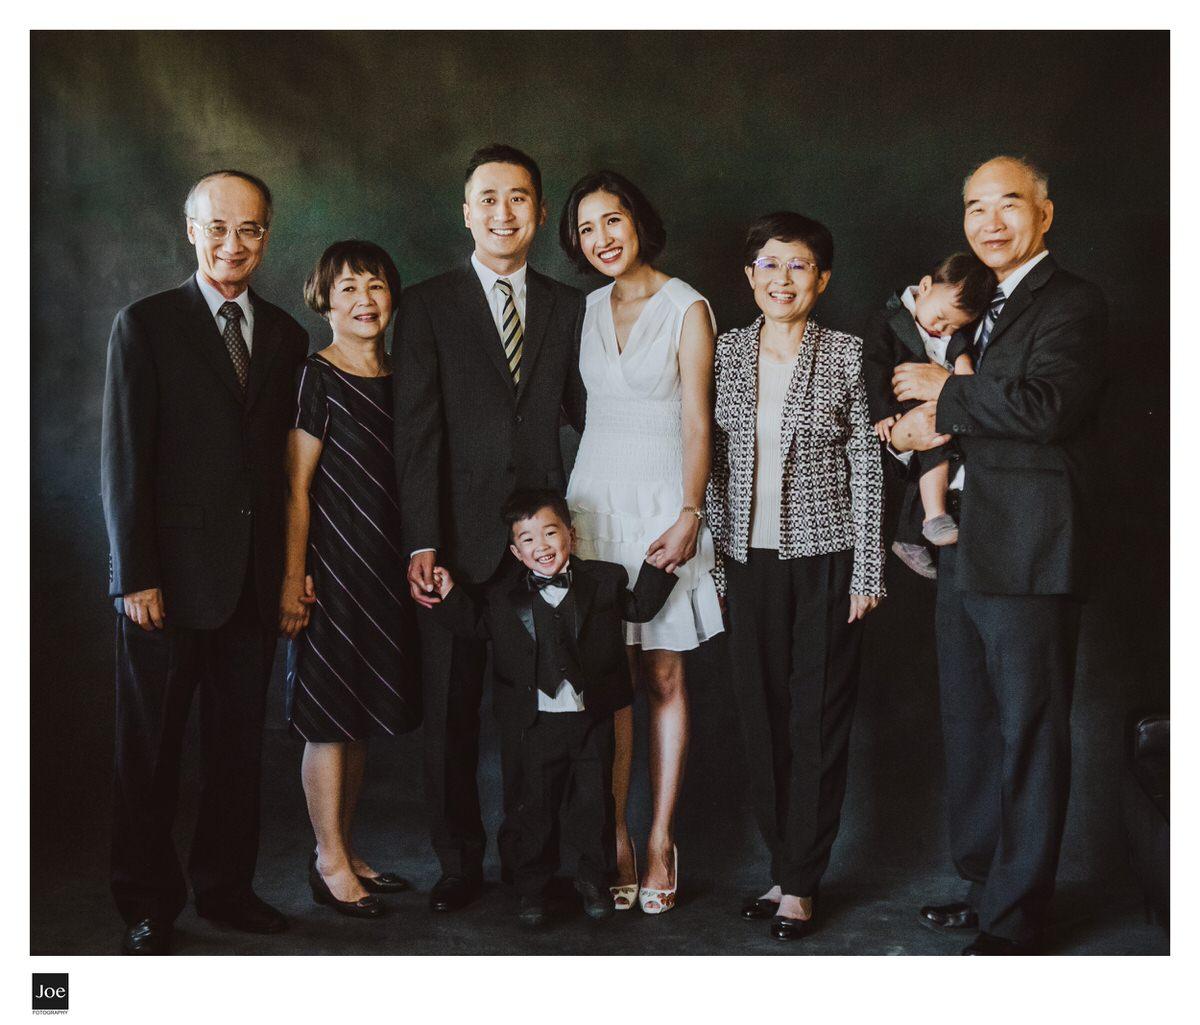 joe-fotography-family-photo-003.jpg